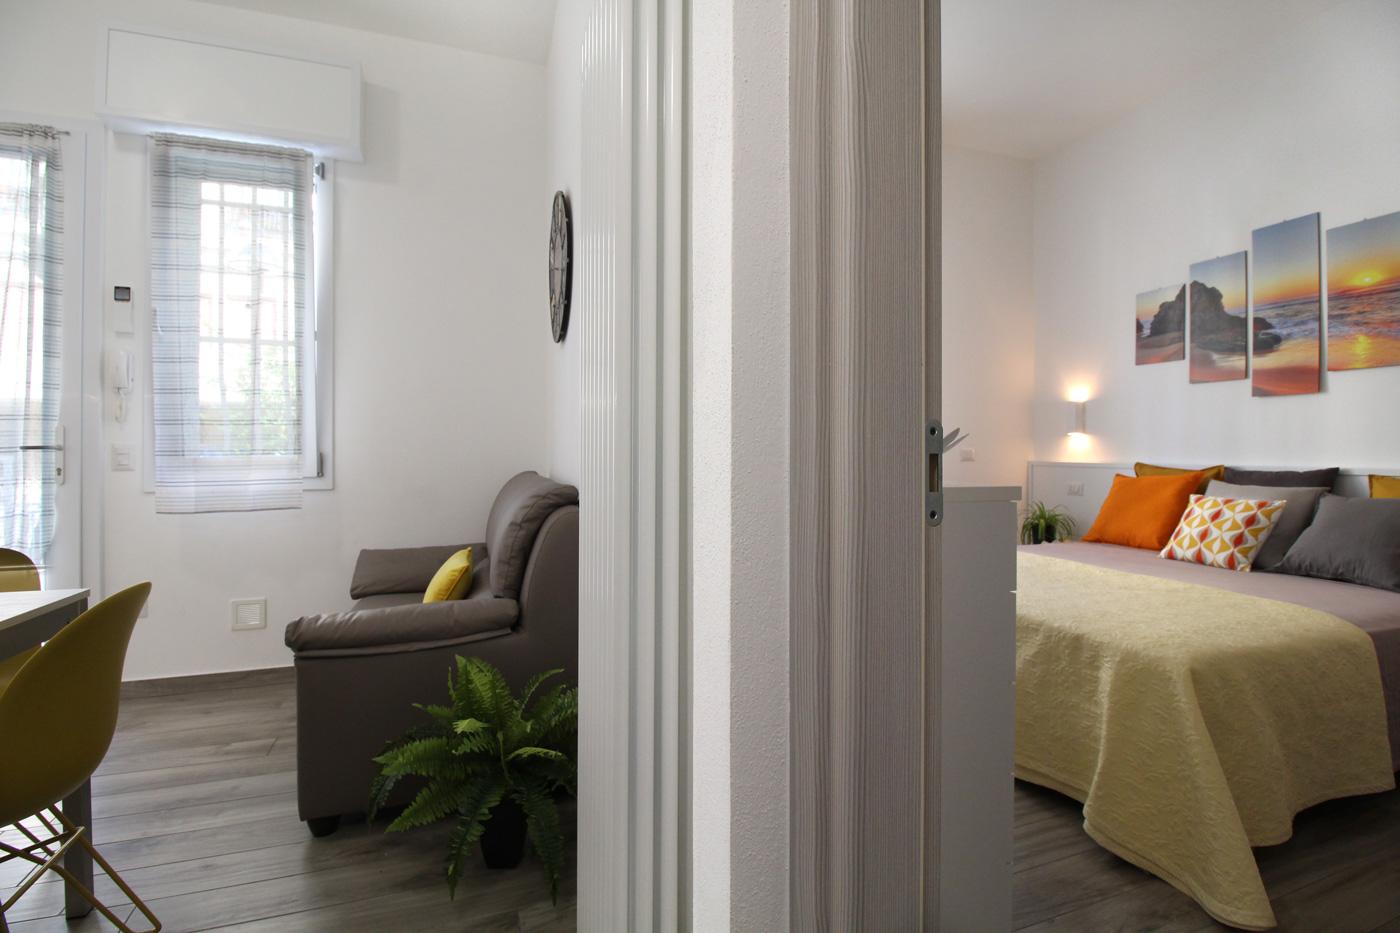 Appartamento thomas romagna case vacanze san mauro mare gatteo mare_8941_2